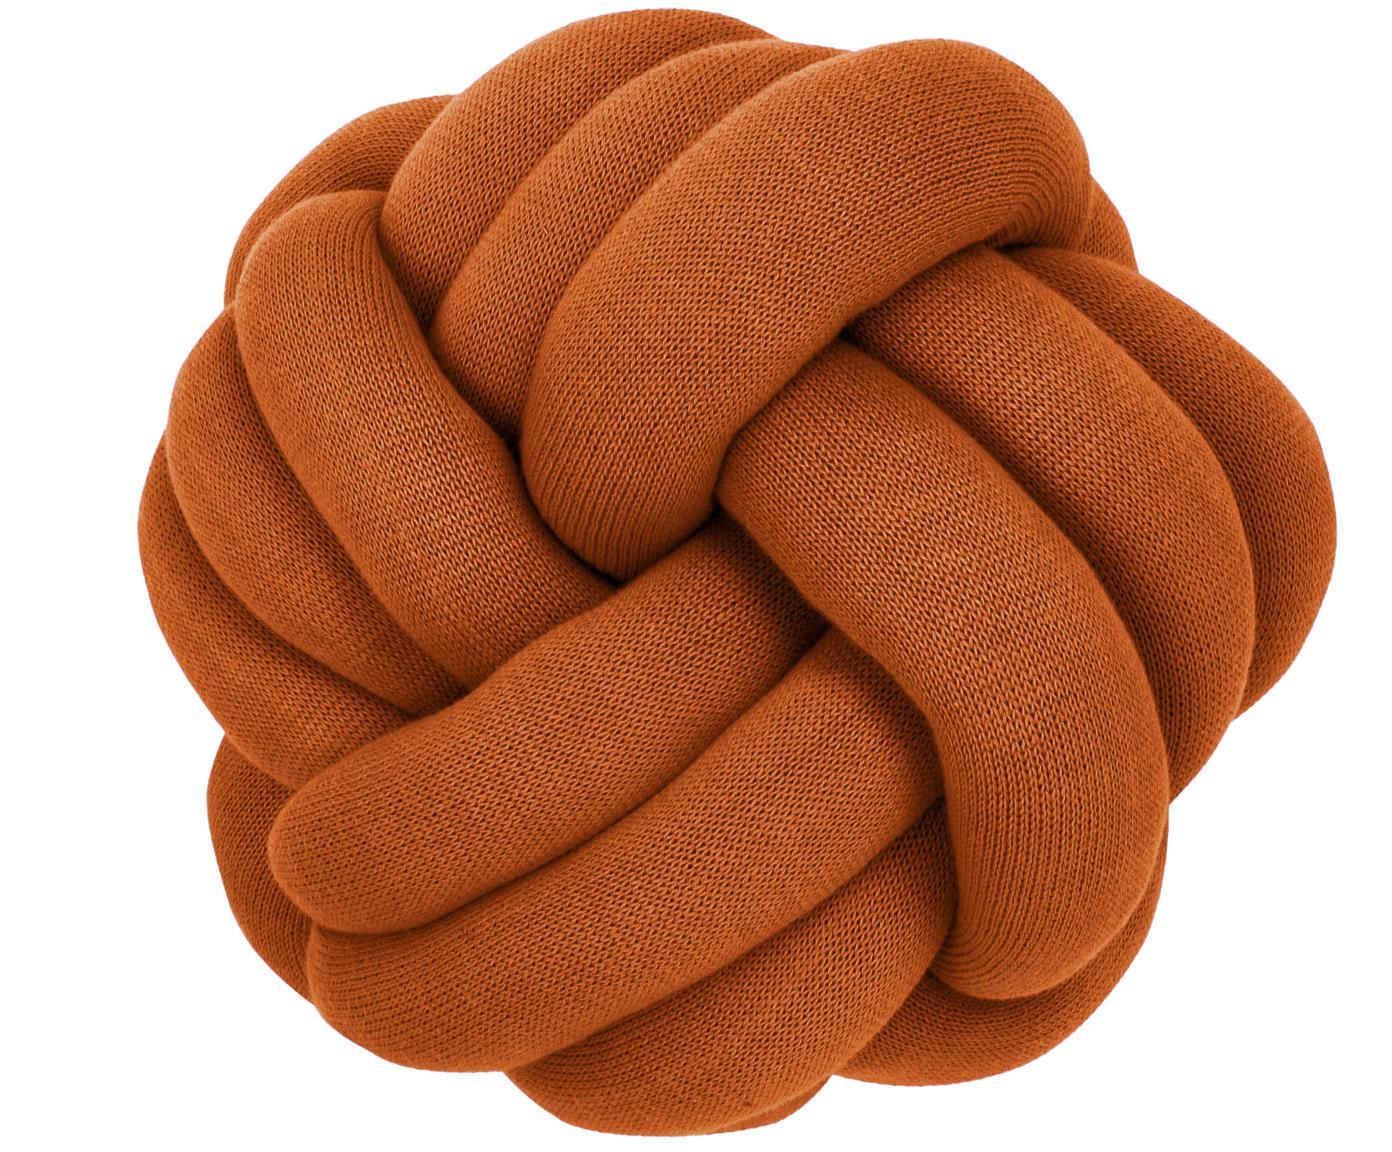 Poduszka Twist, Terakota, Ø 30 cm